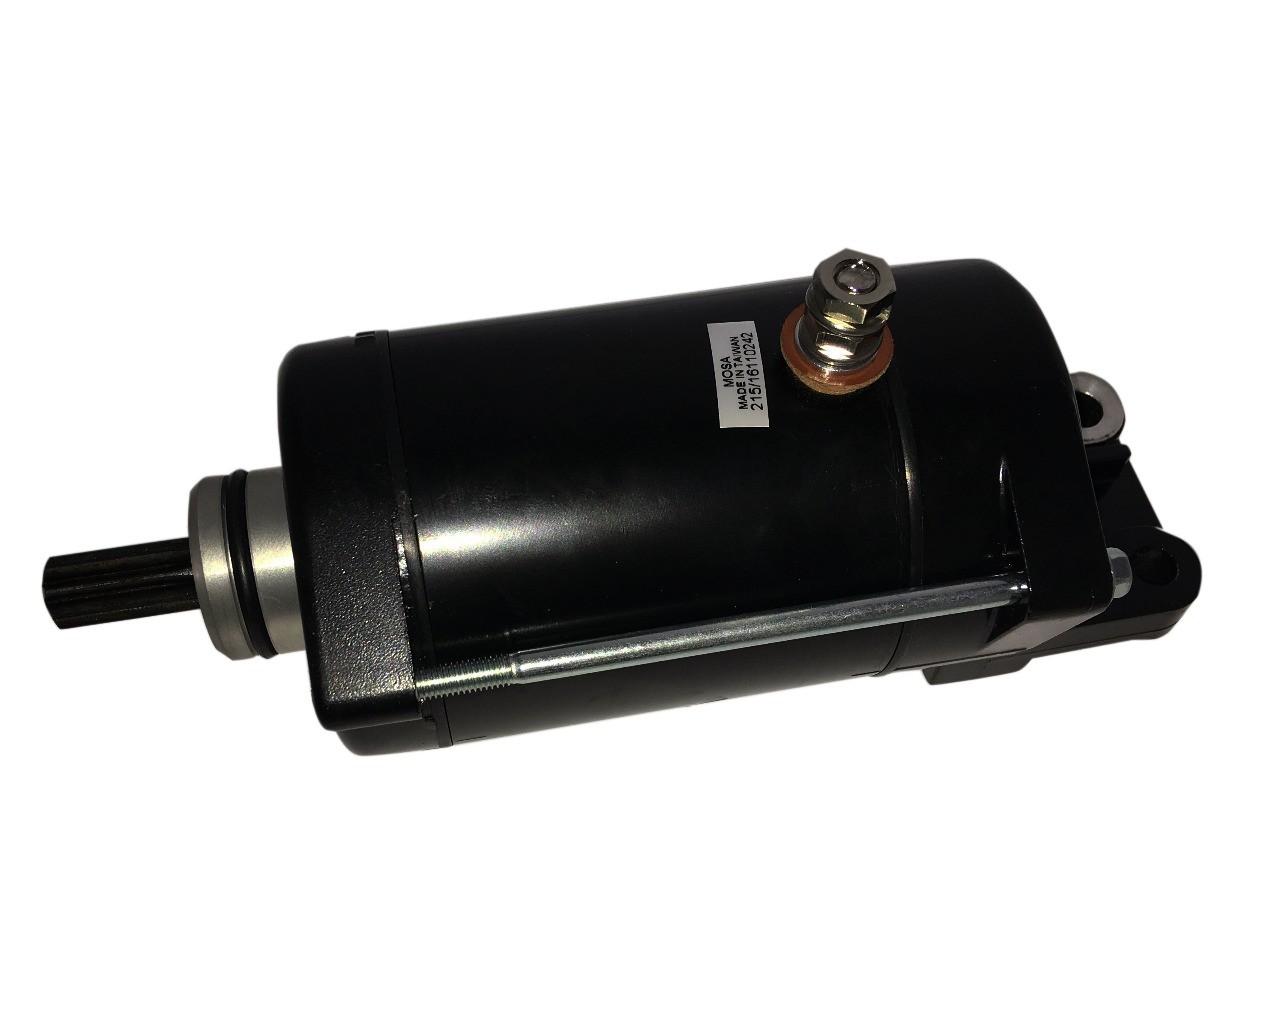 Motor de Partida para Jet Ski Yamaha VX 110 4 Tec Nacional  - Radical Peças - Peças para Jet Ski